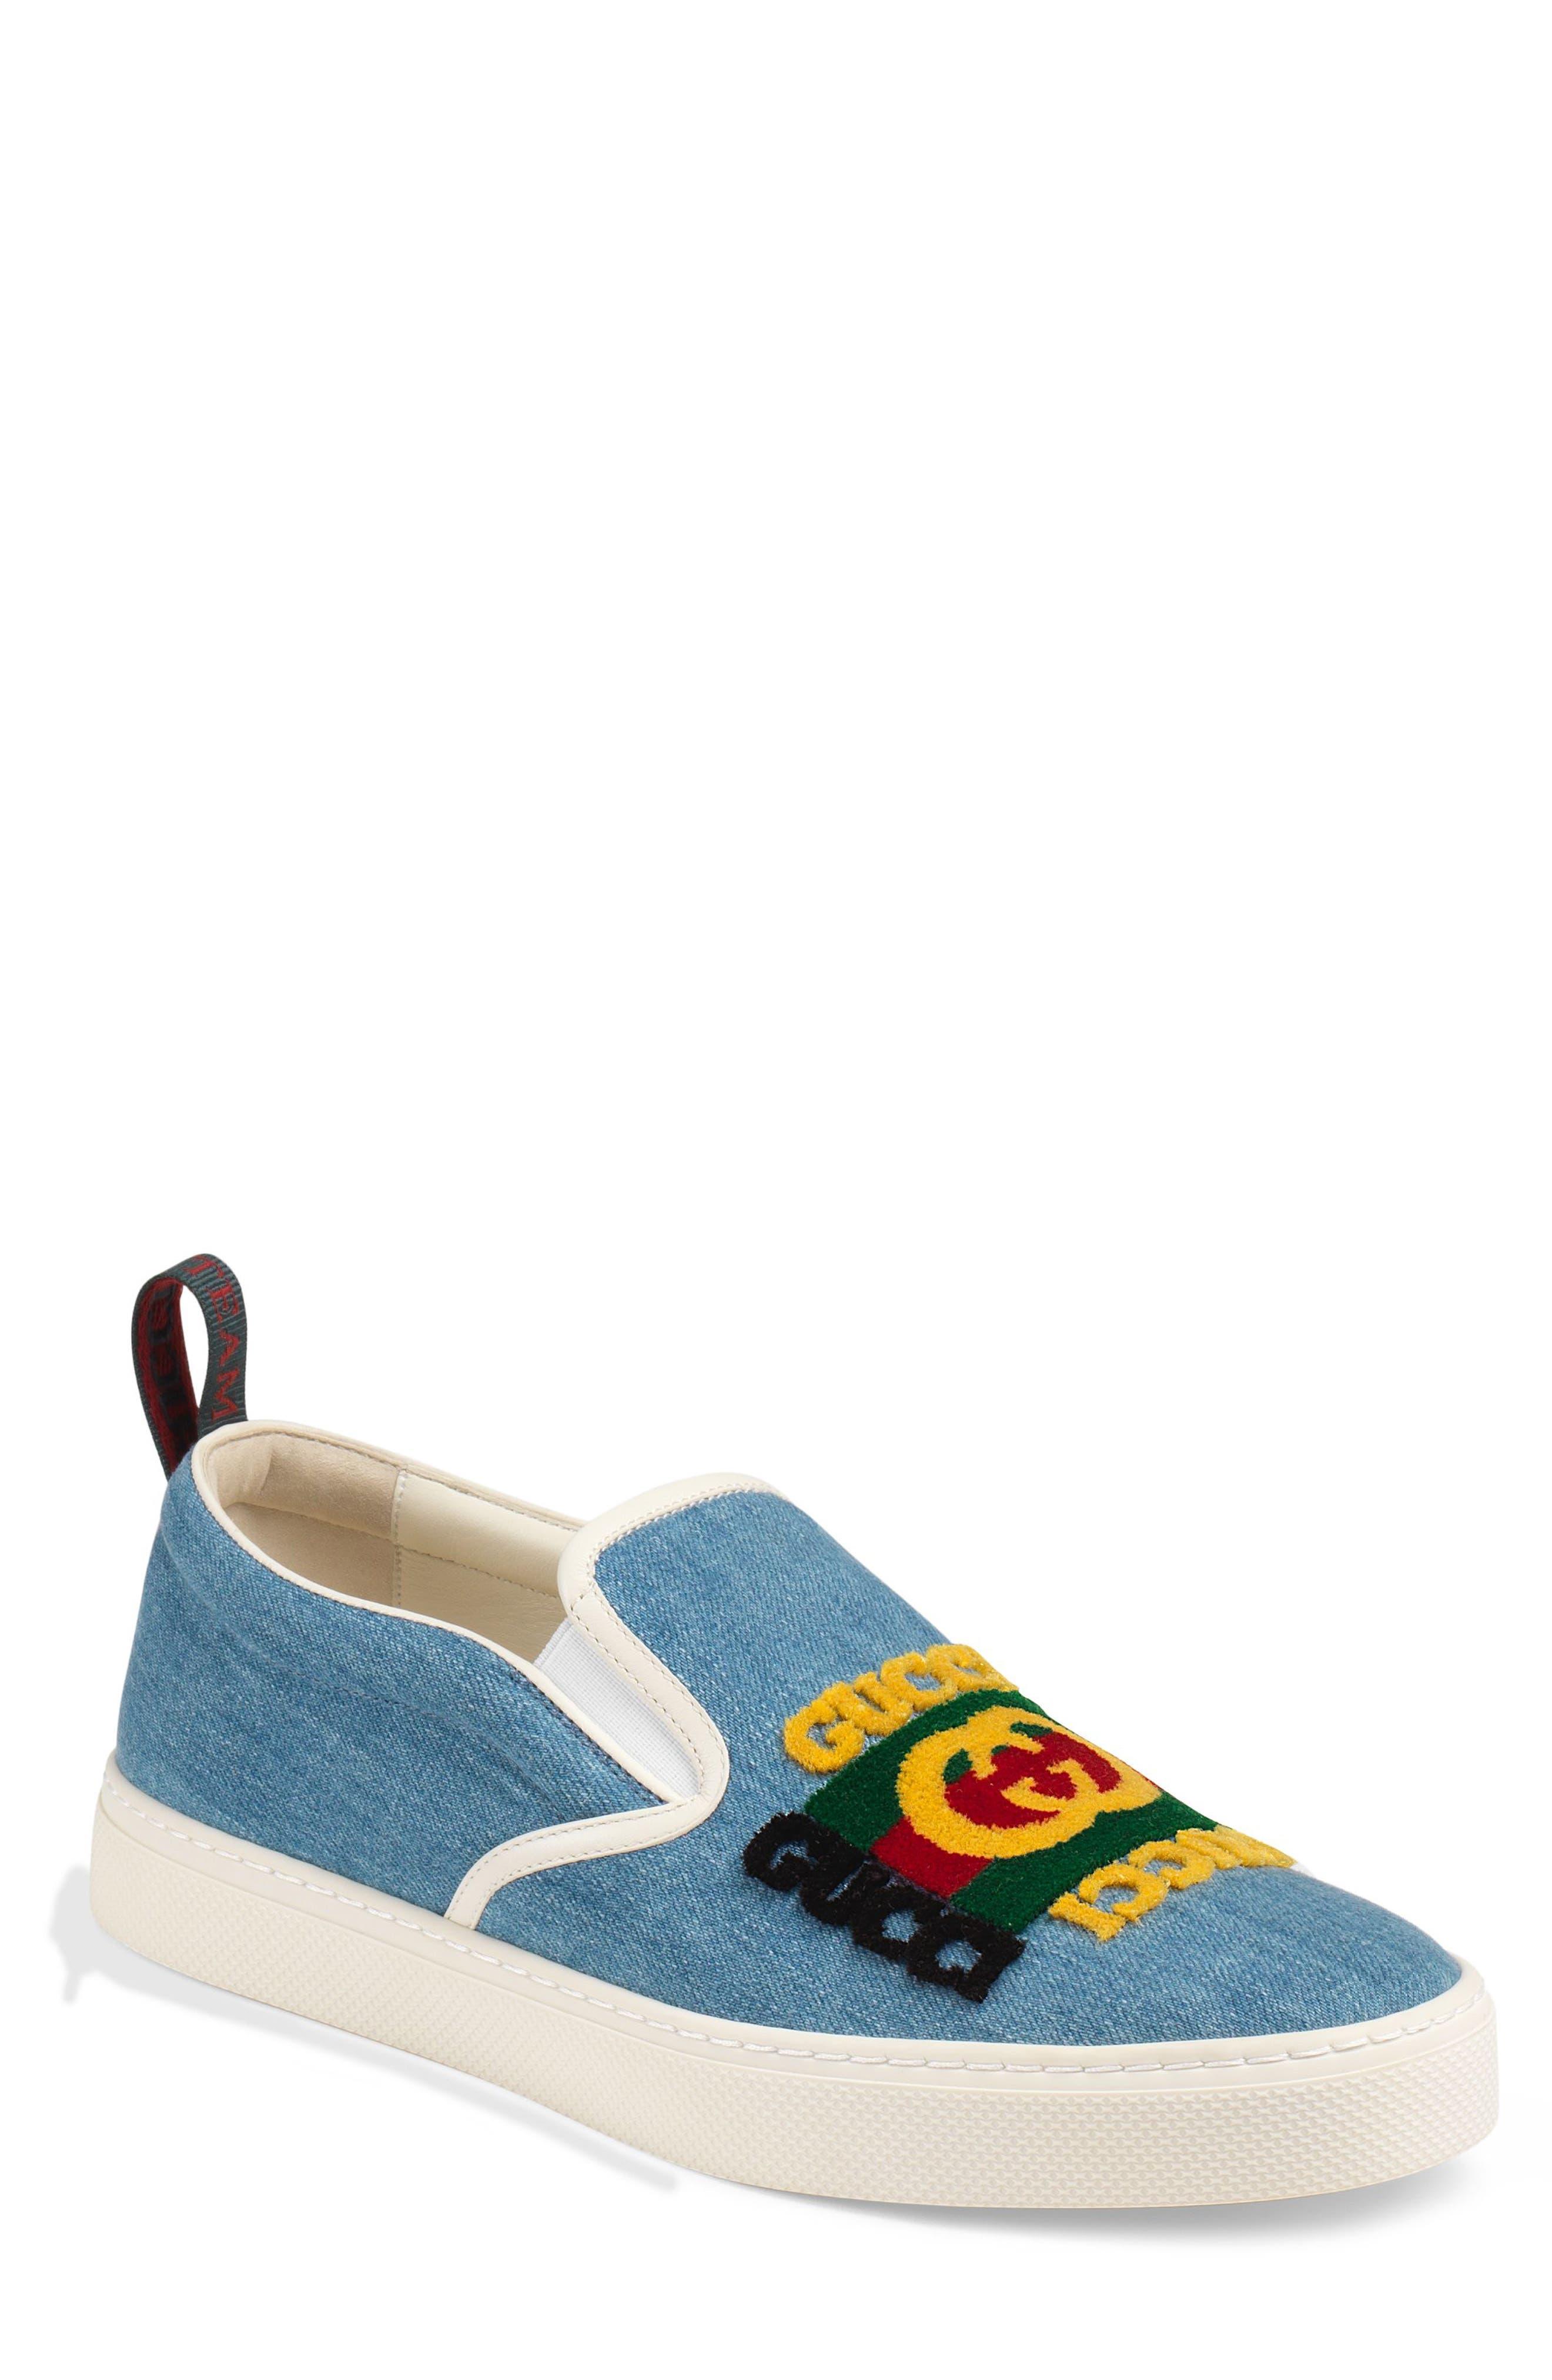 Dublin Slip-On Sneaker,                         Main,                         color, BLUE/ BLACK